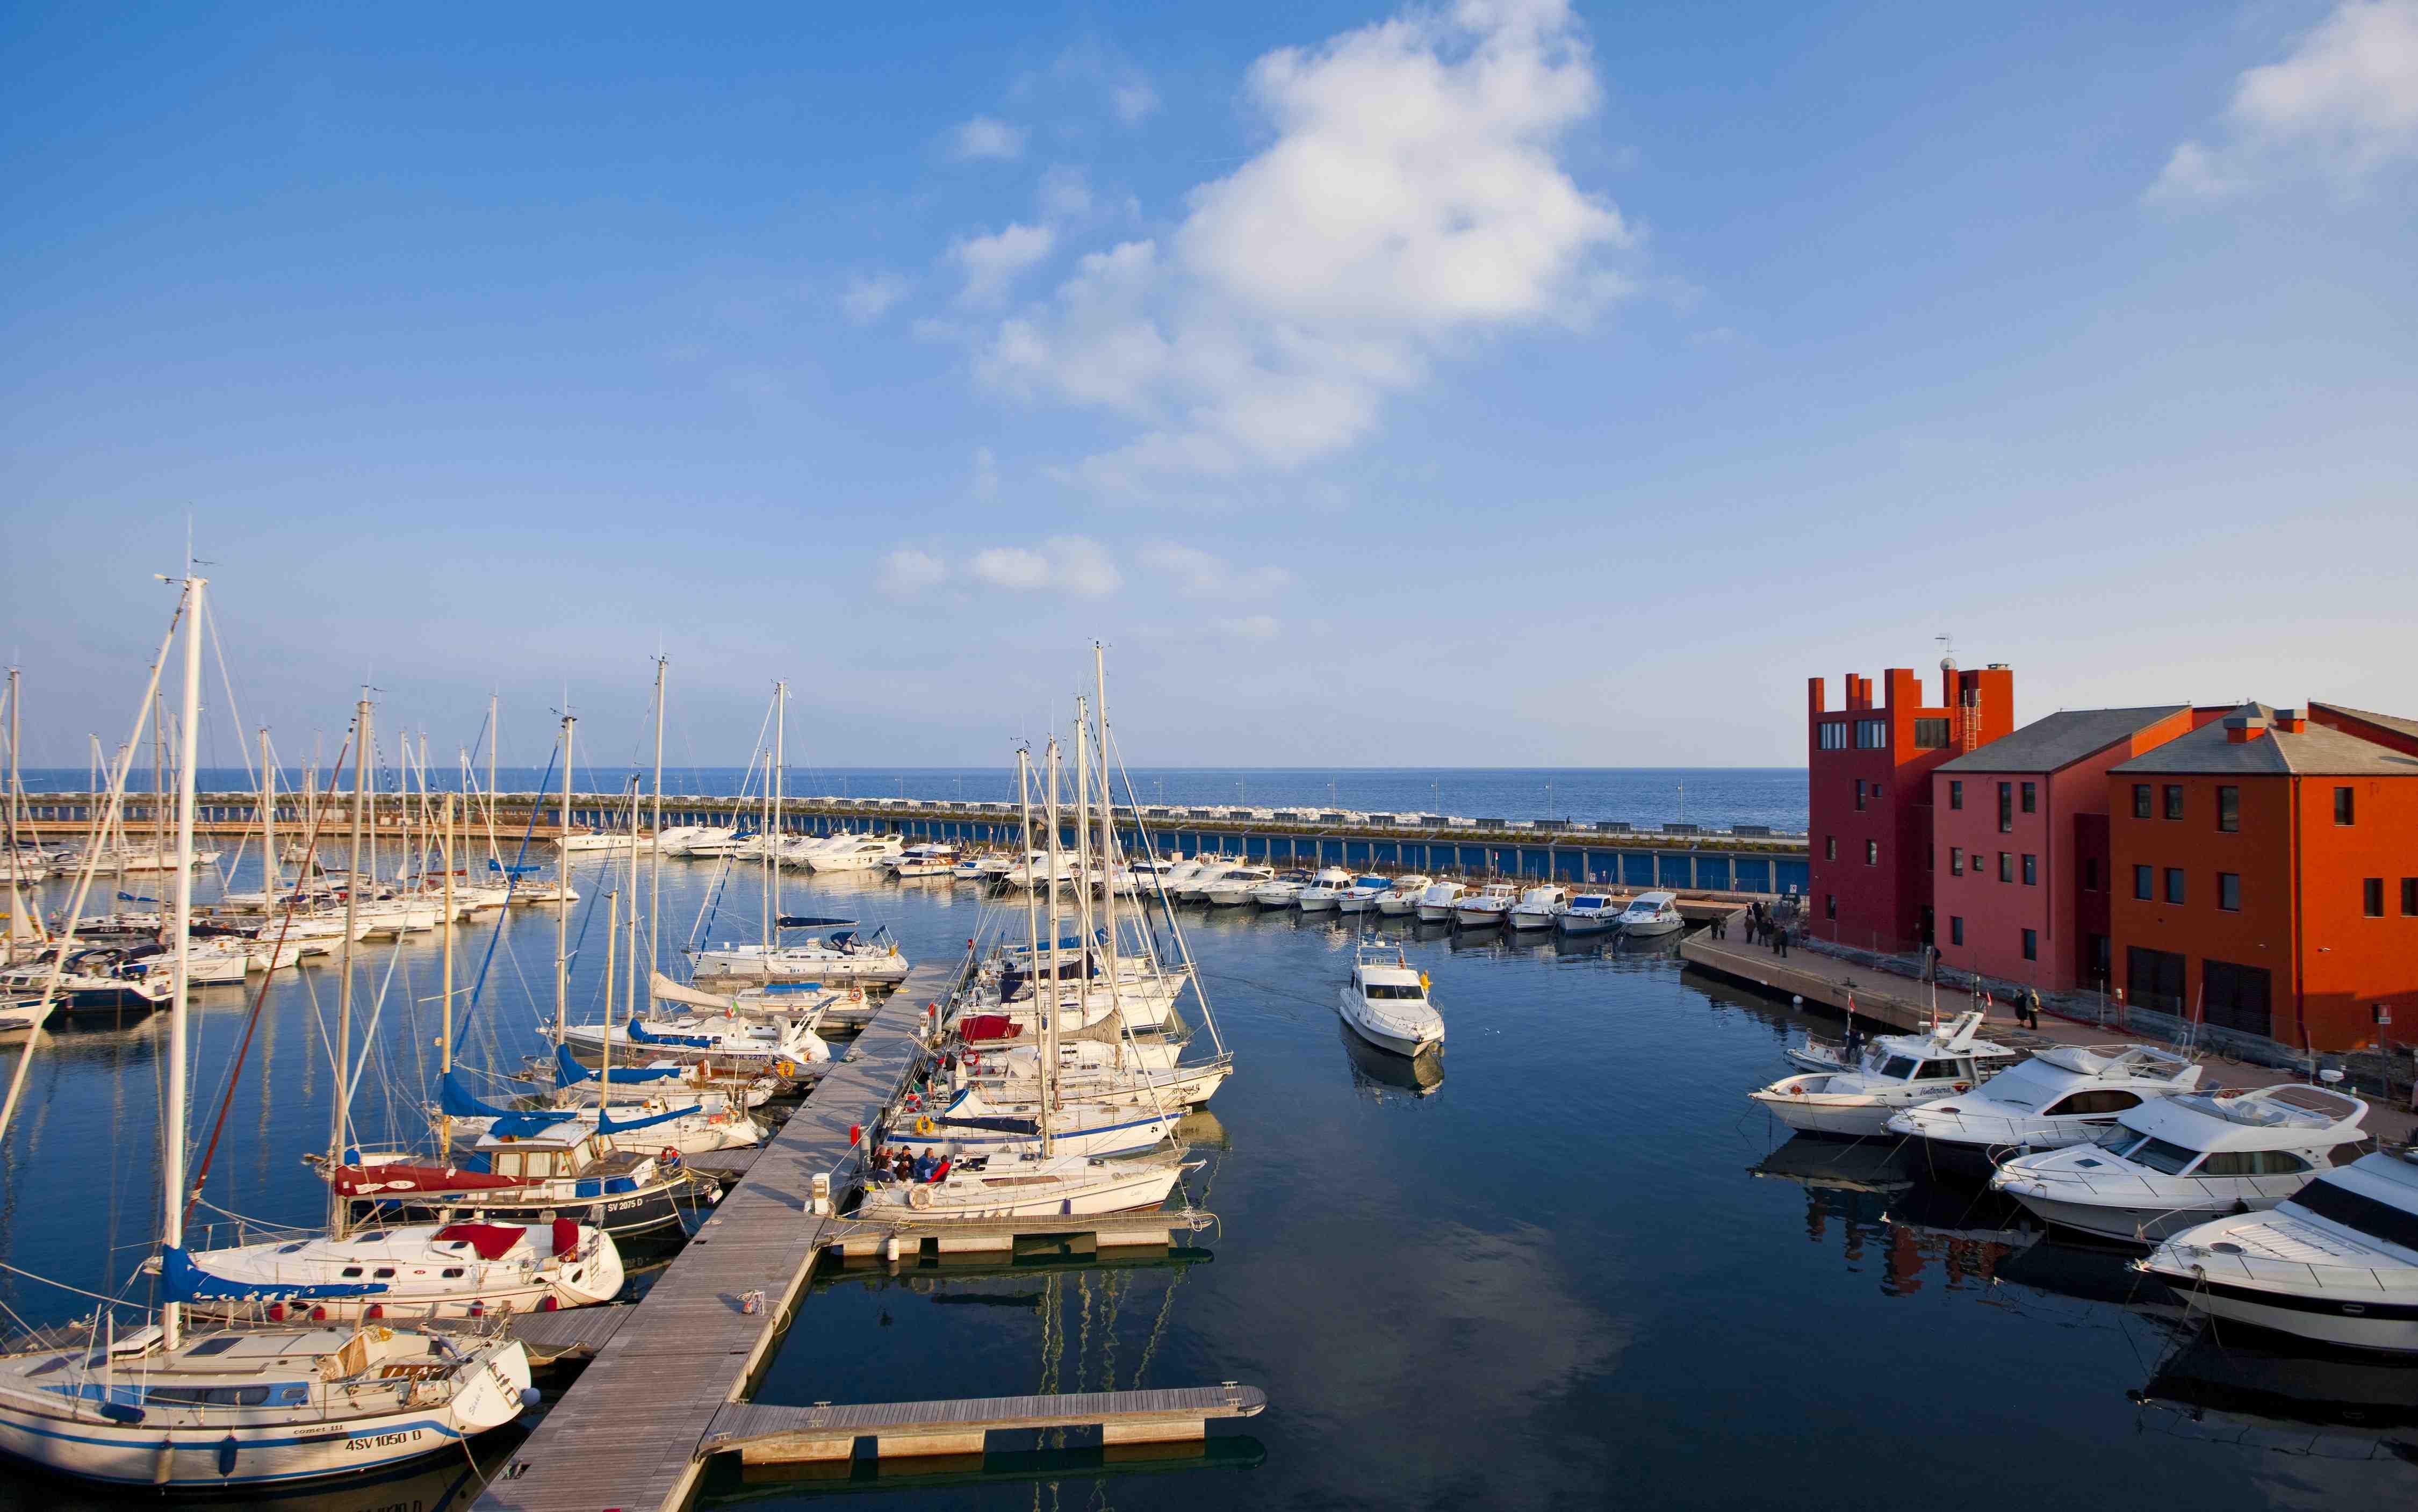 Marina di Loano, ecco il porto a cinque stelle IlGiornale.it